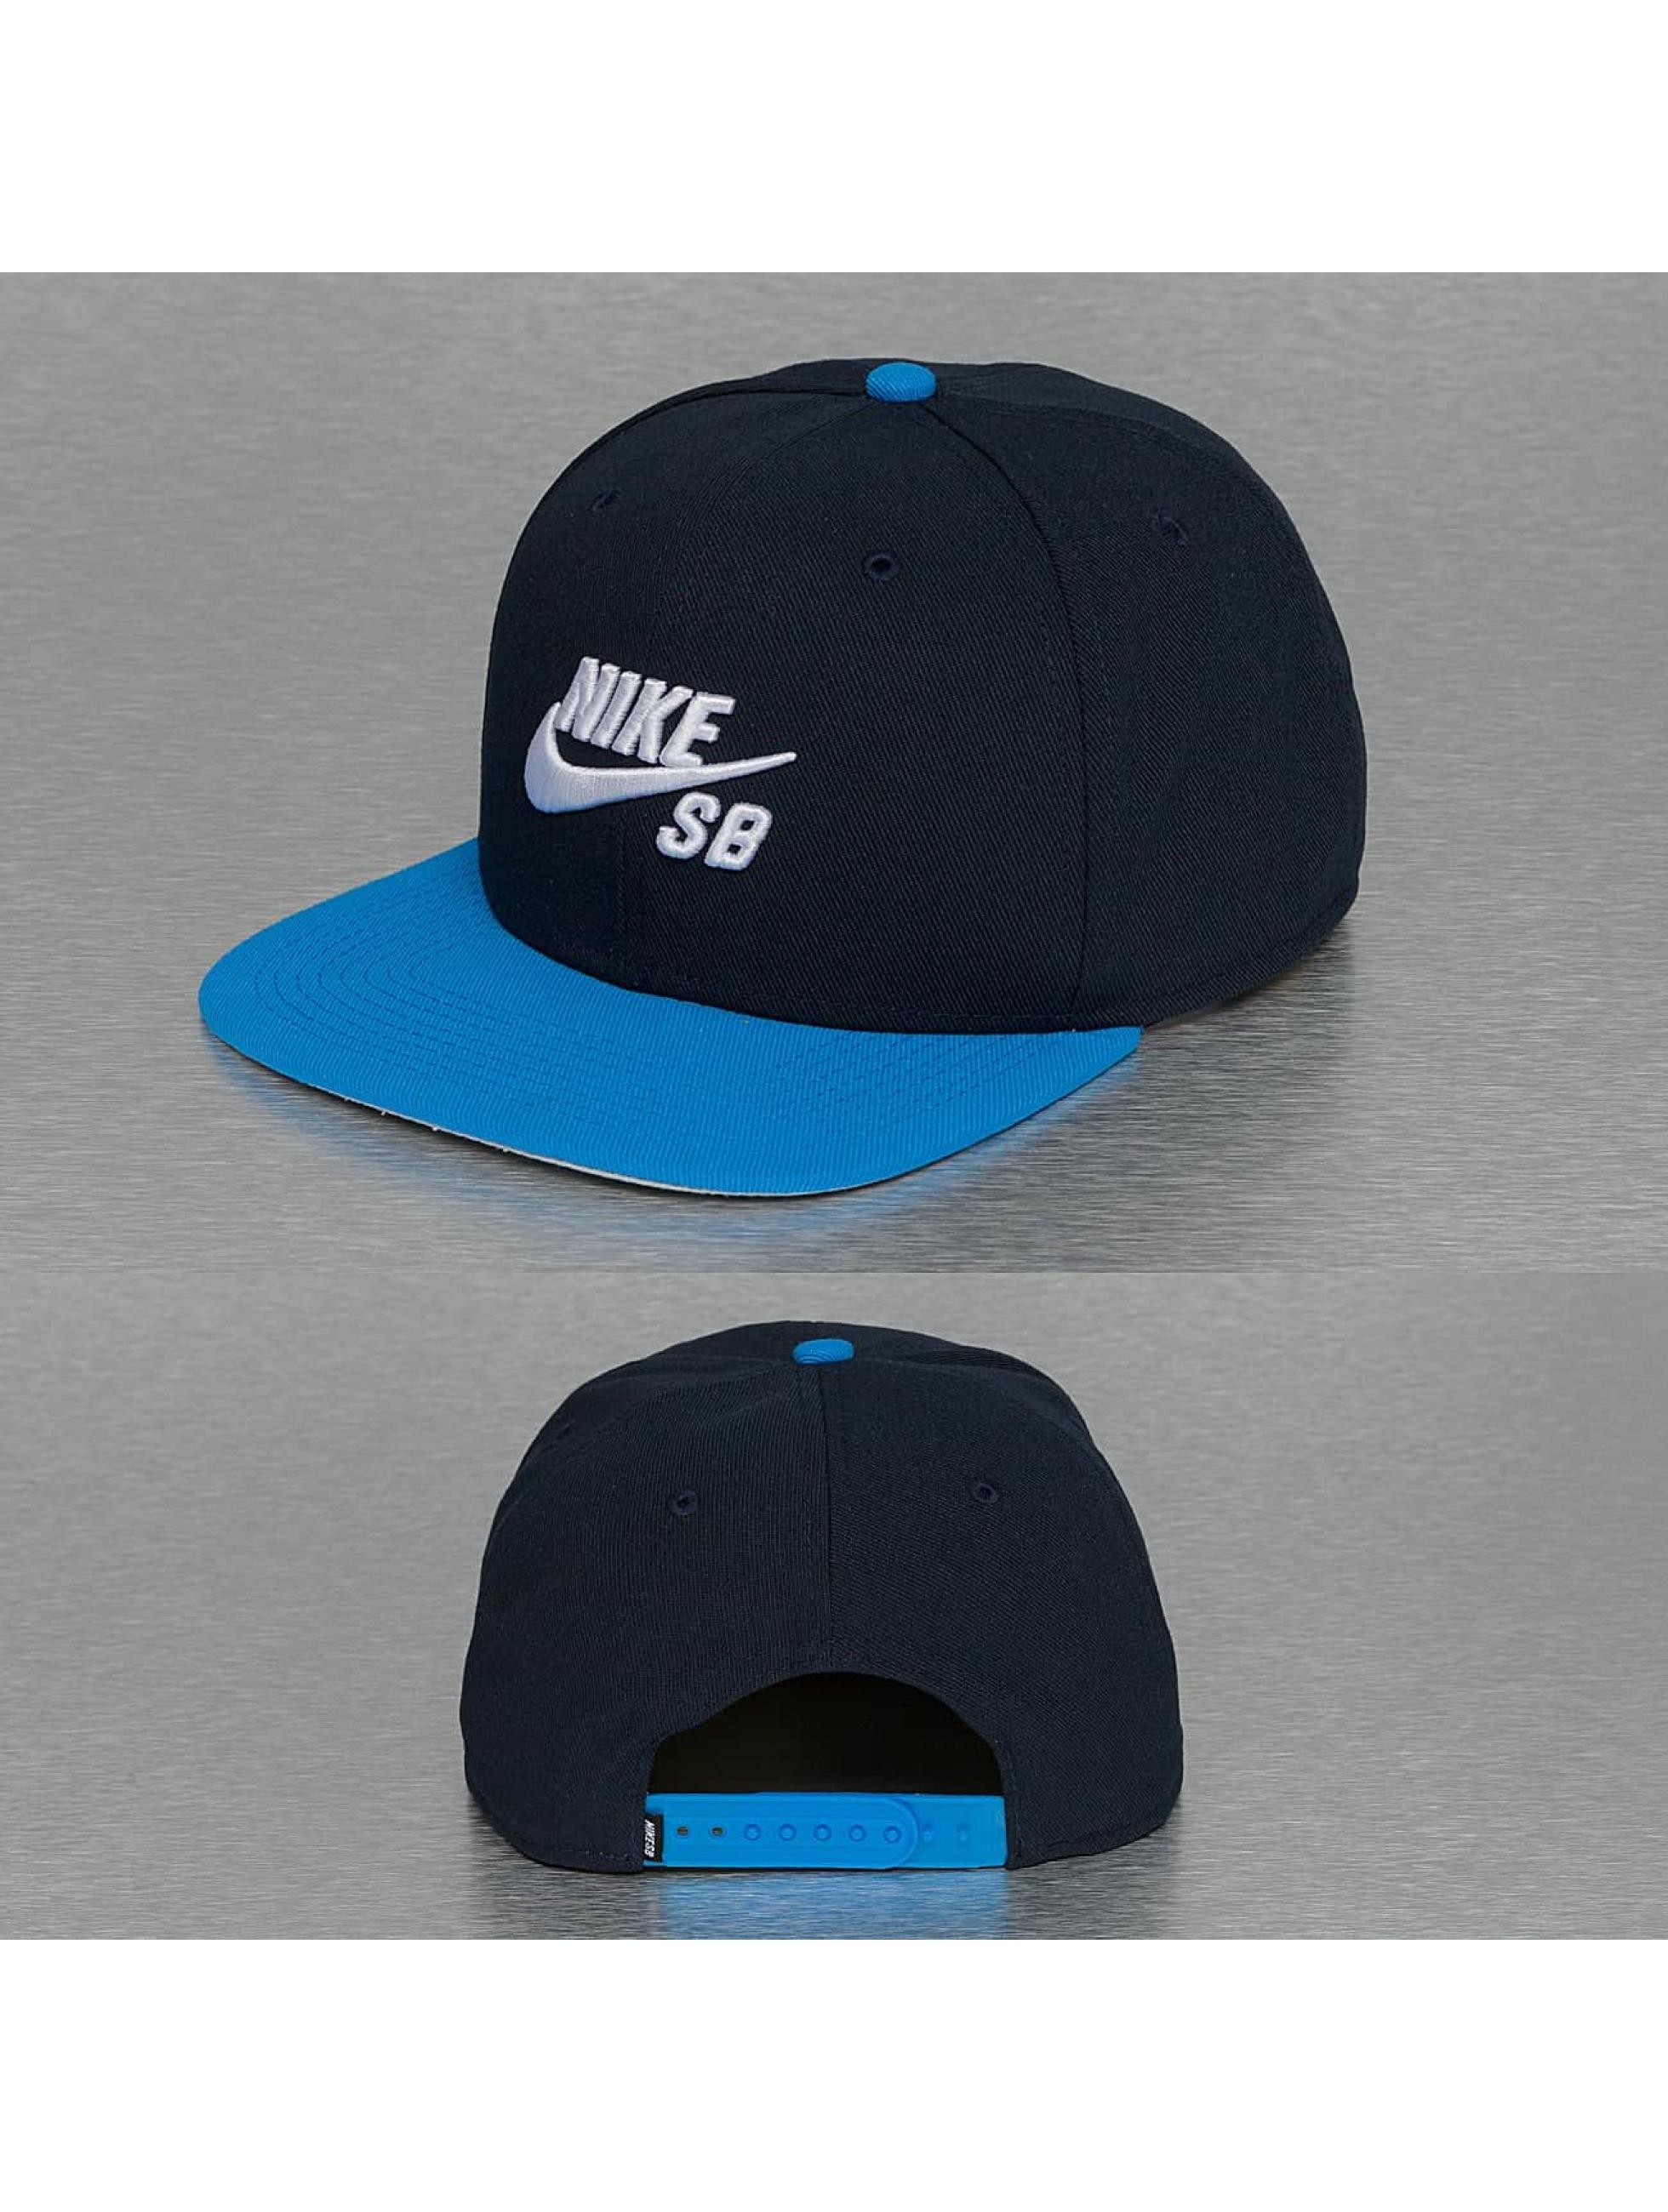 nike 21 heures de mercer - Nike SB Cap / snapback cap Chambray Phillips Pro in blauw 198763